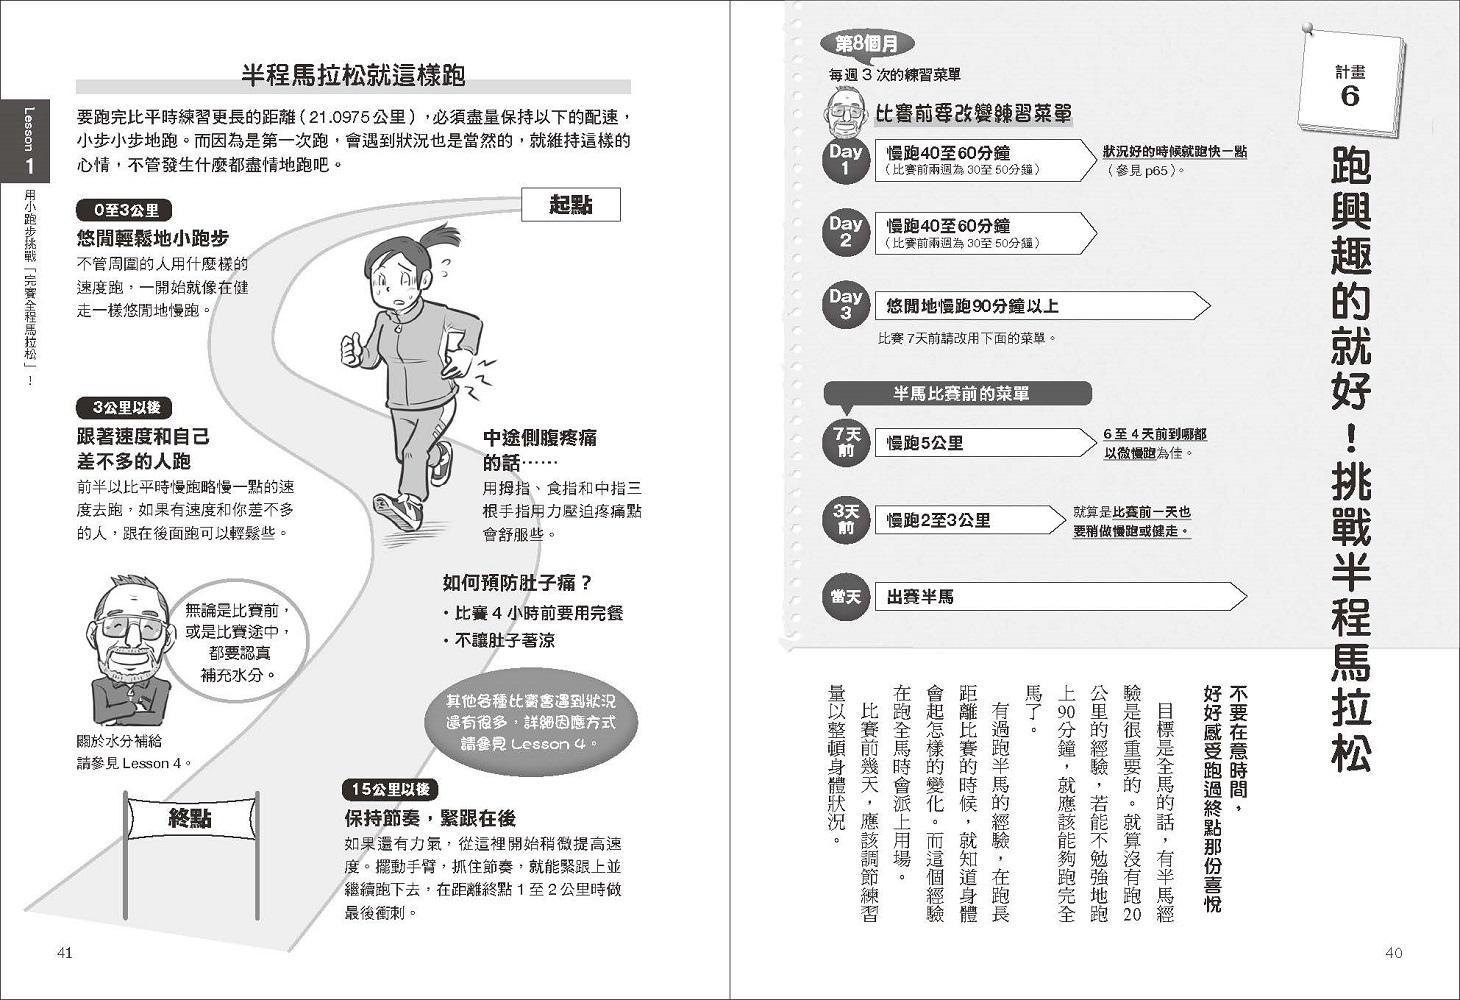 ◤博客來BOOKS◢ 暢銷書榜《推薦》秒懂馬拉松入門:零門檻!最適合路跑新手挑戰全馬的完全圖解教練書